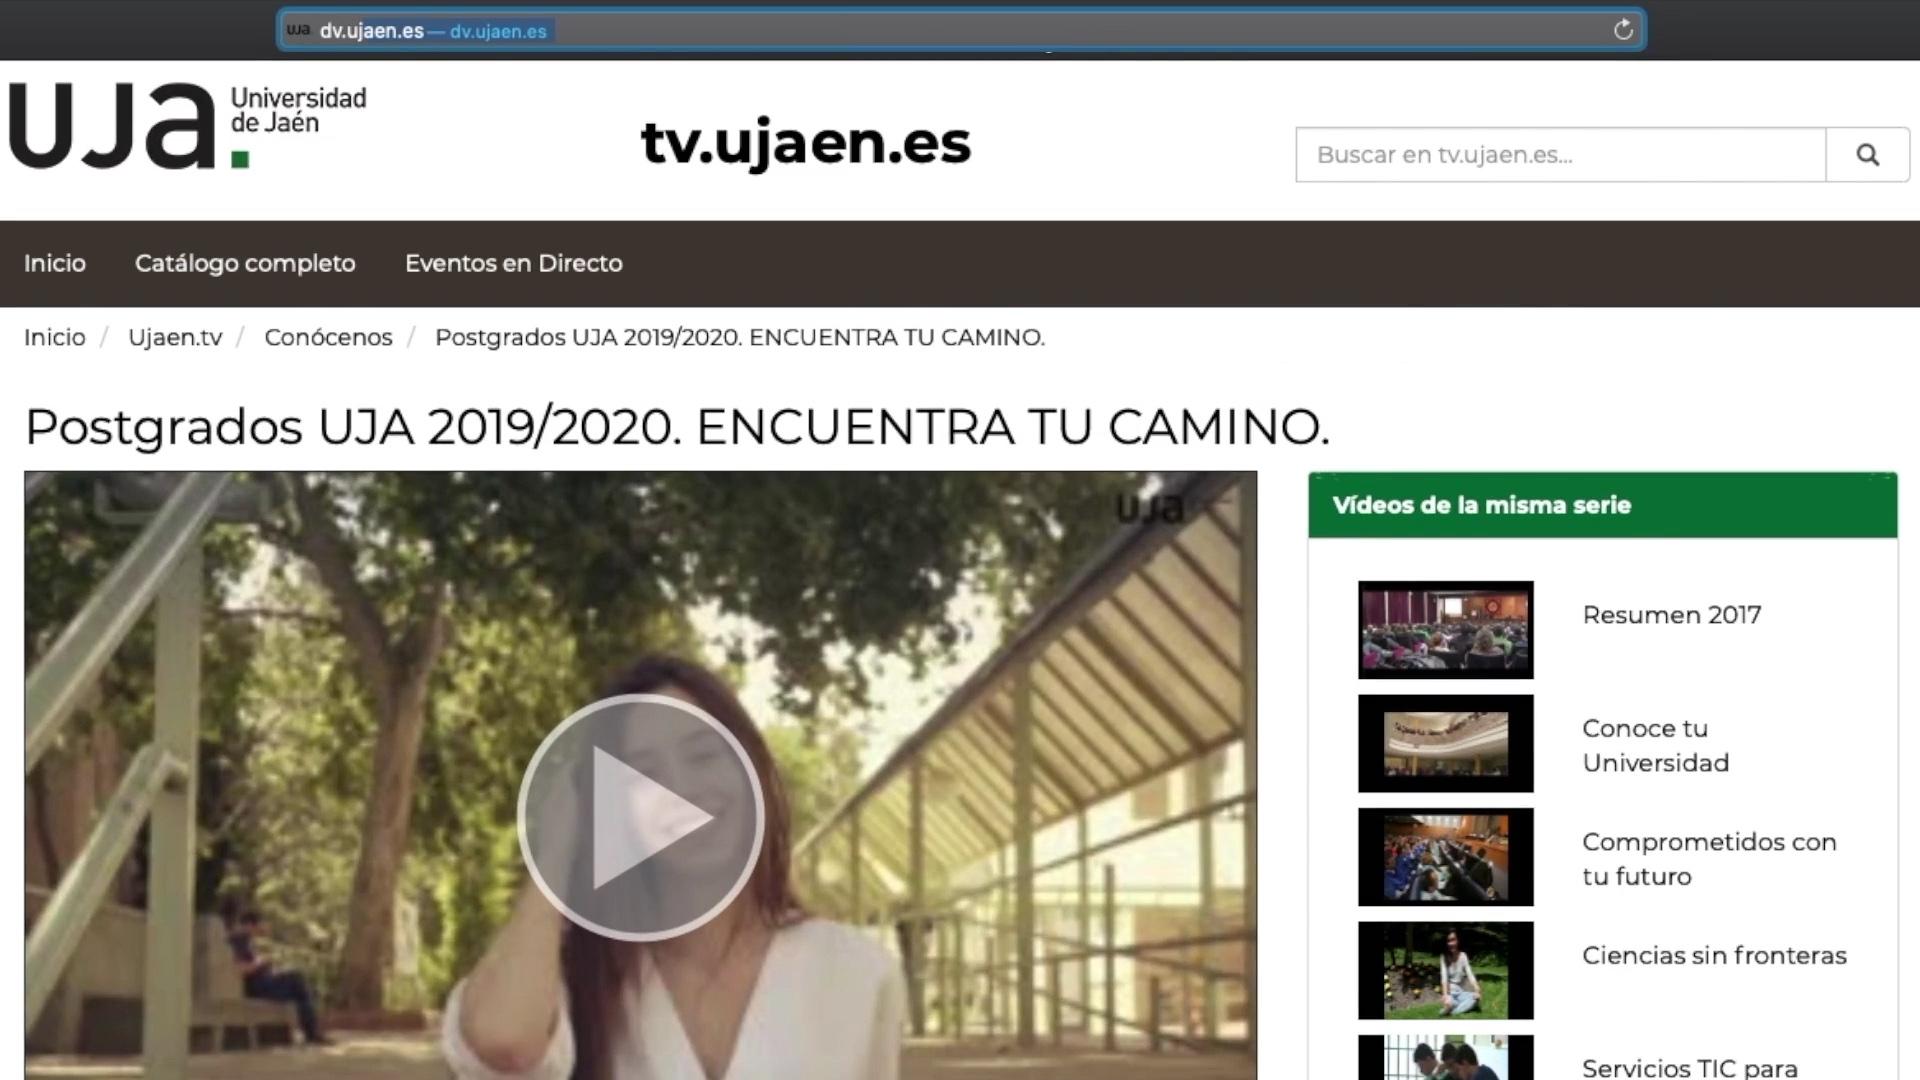 Insertar vídeos desde el Repositorio Audiovisual de la UJA a la Plataforma de Docencia Virtual